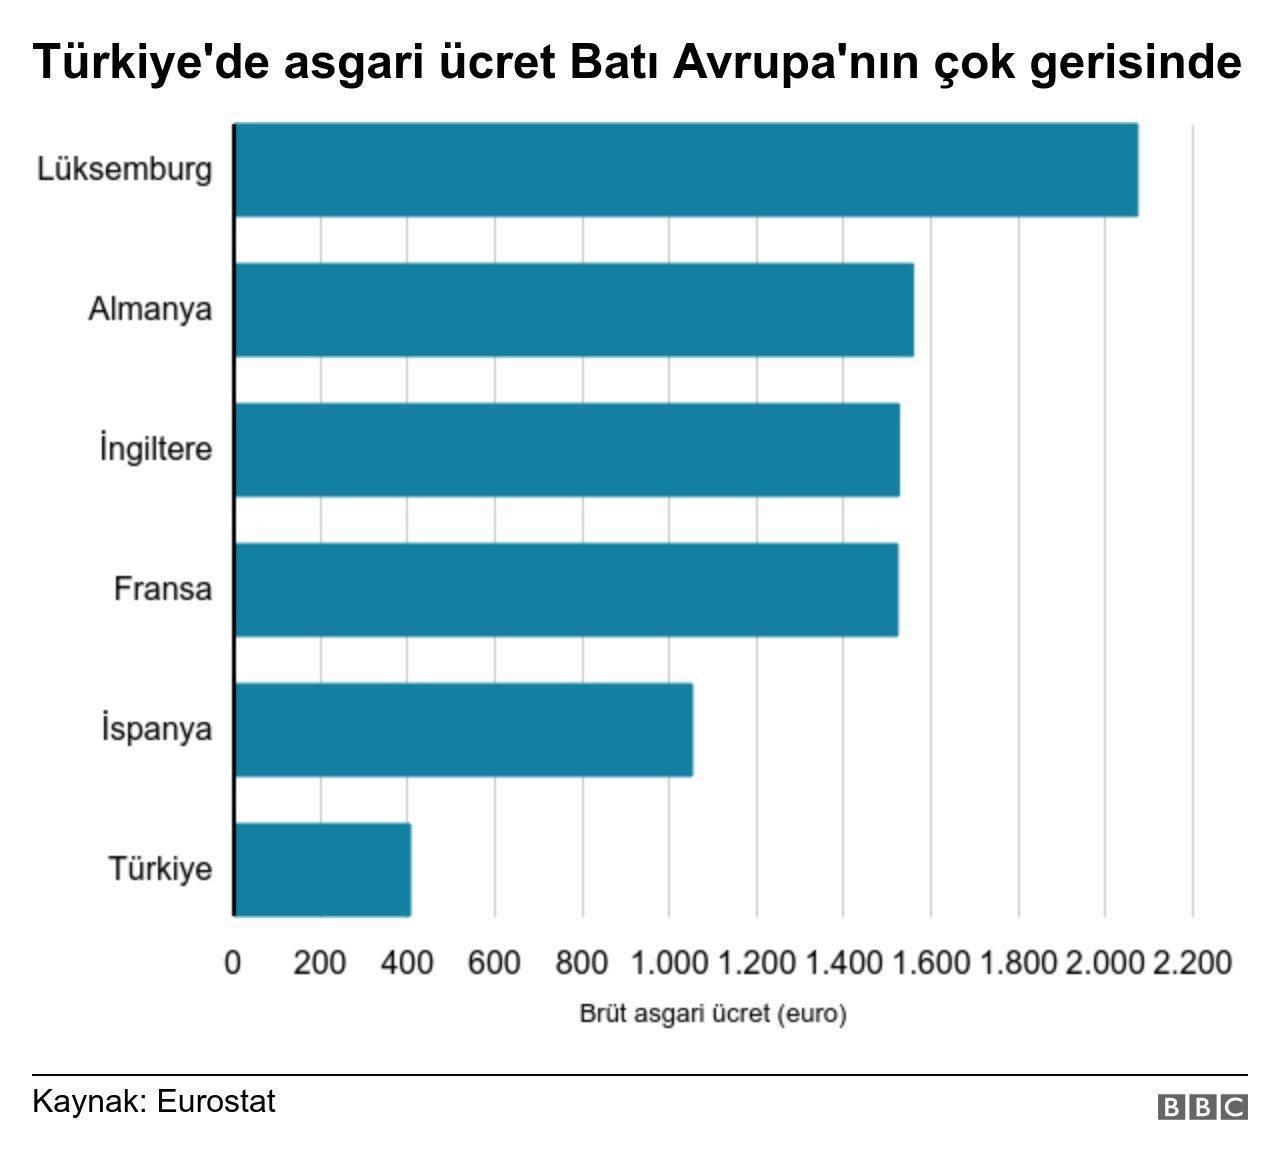 Türkiye'de asgari ücret Batı Avrupa'nın çok gerisinde